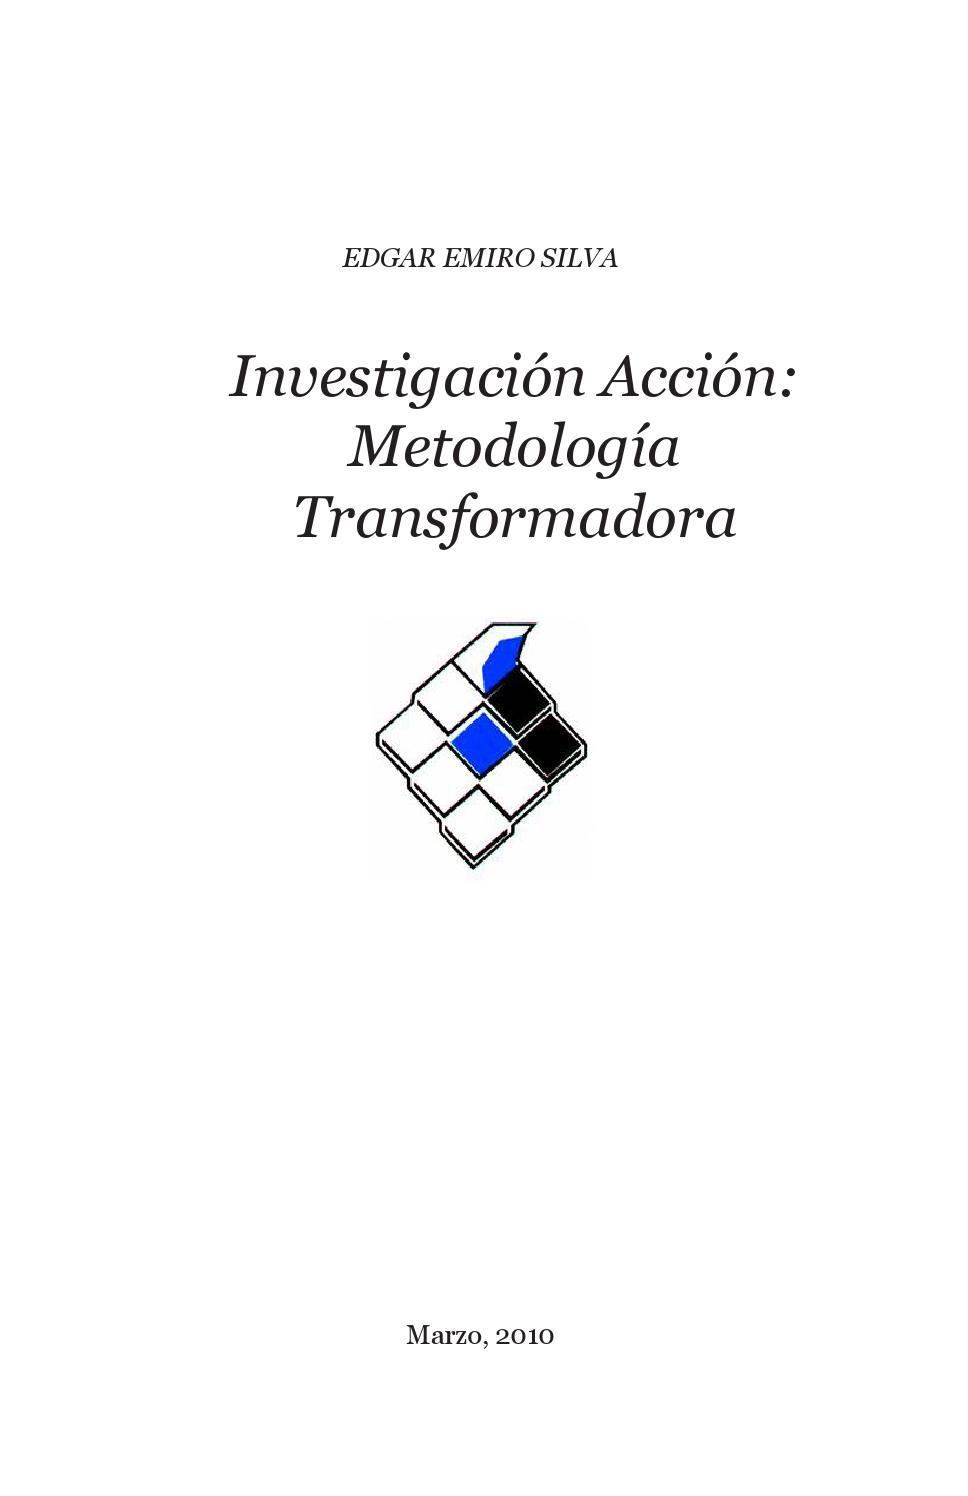 Investigación acción by Luis Peñalver - issuu